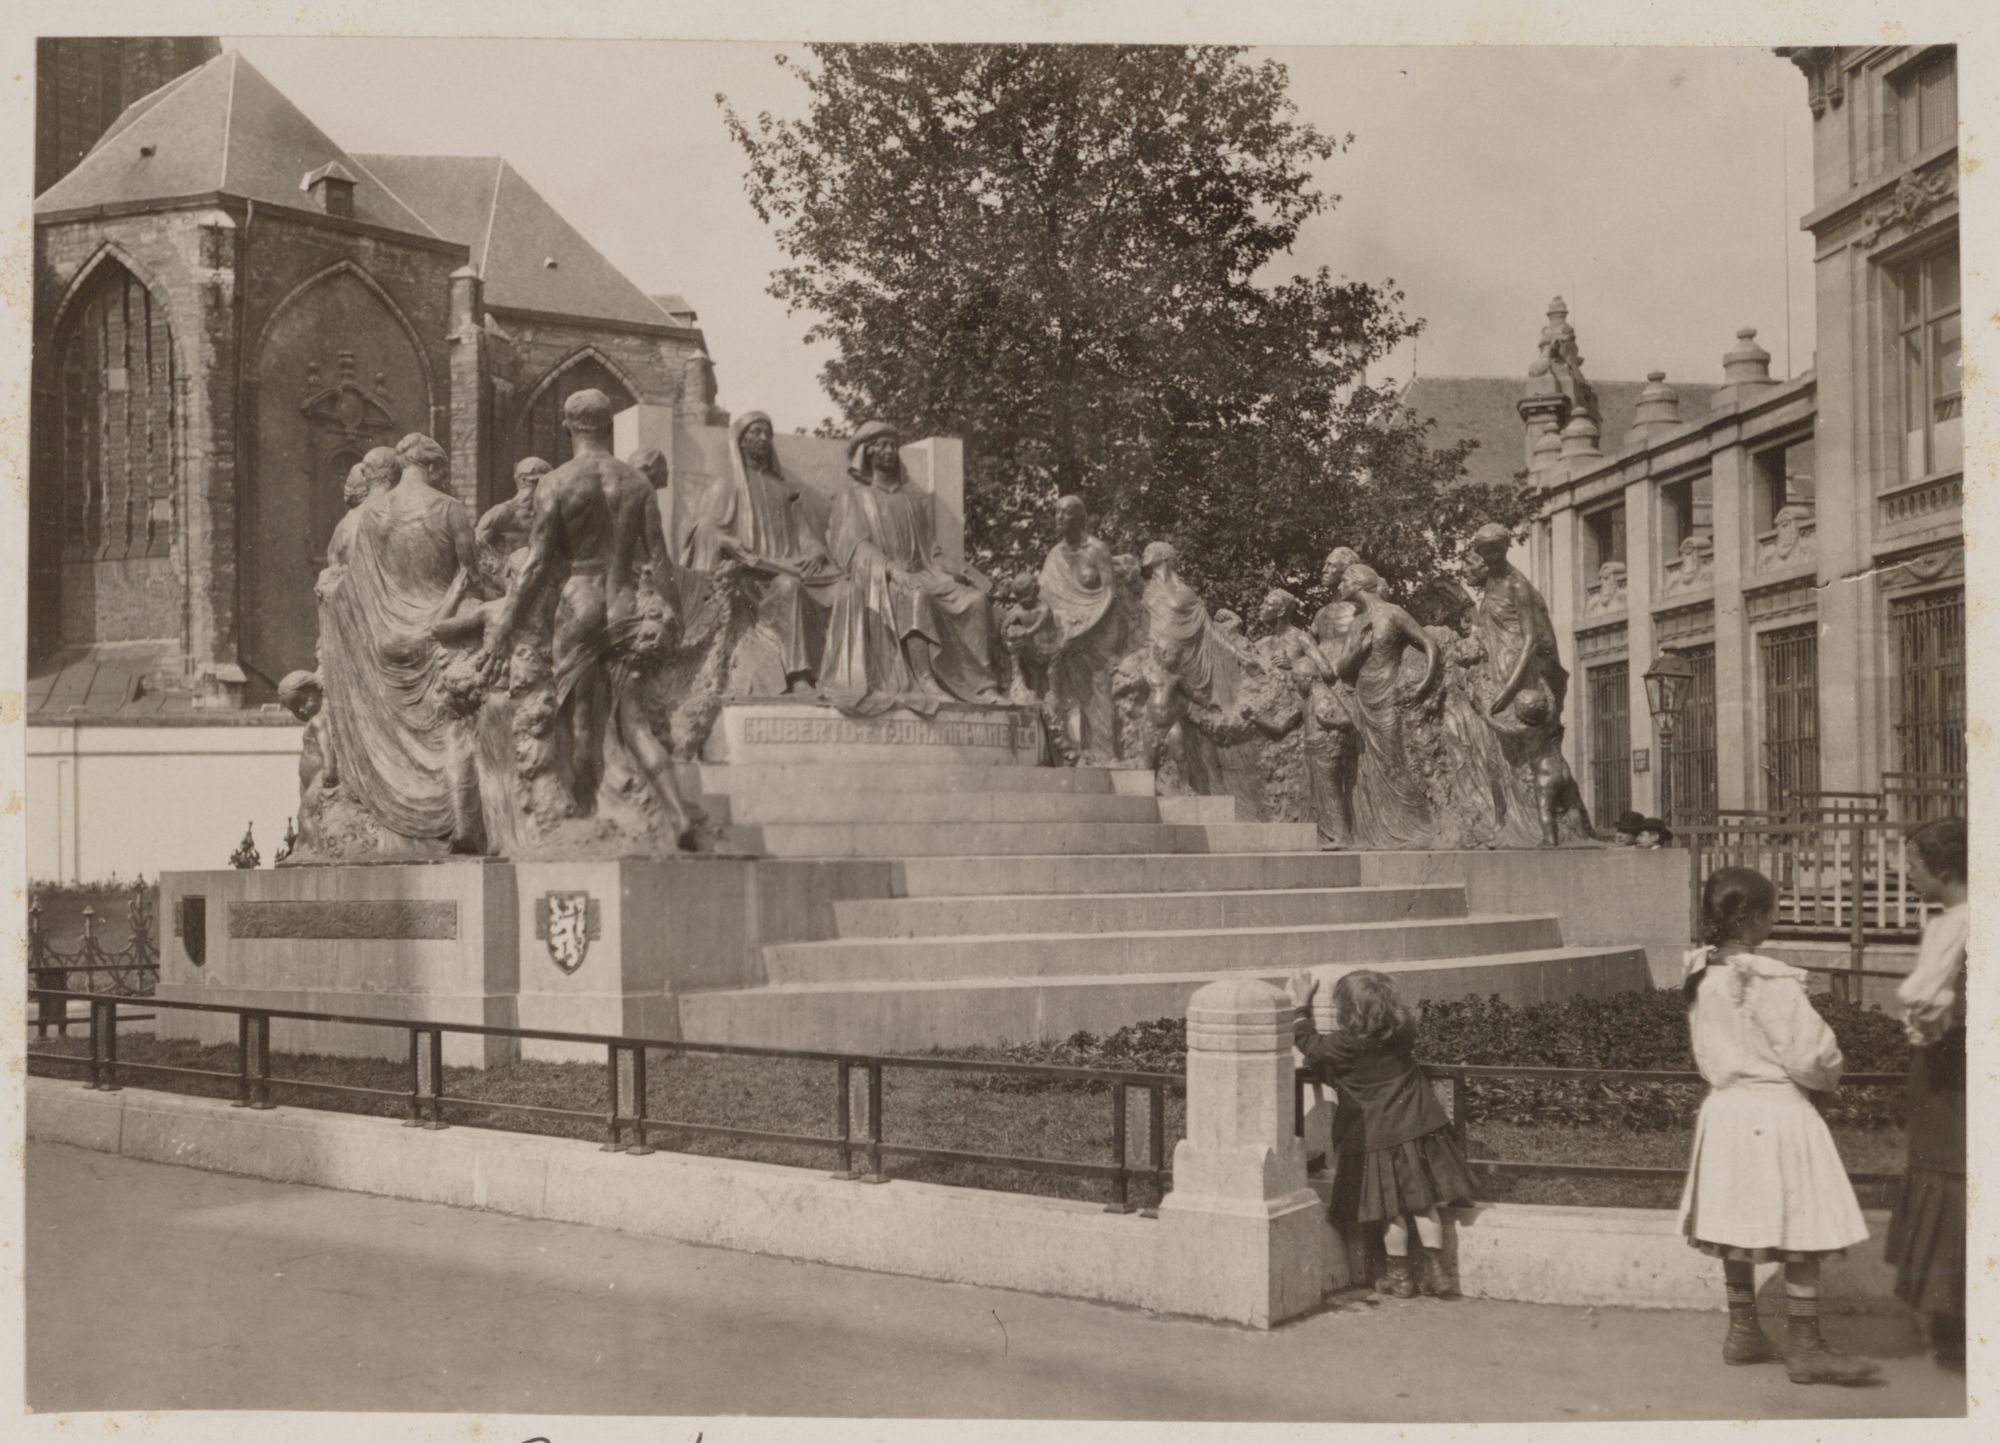 Gent: Monument voor de broers Jan en Hubert Van Eyck door Geo Verbanck